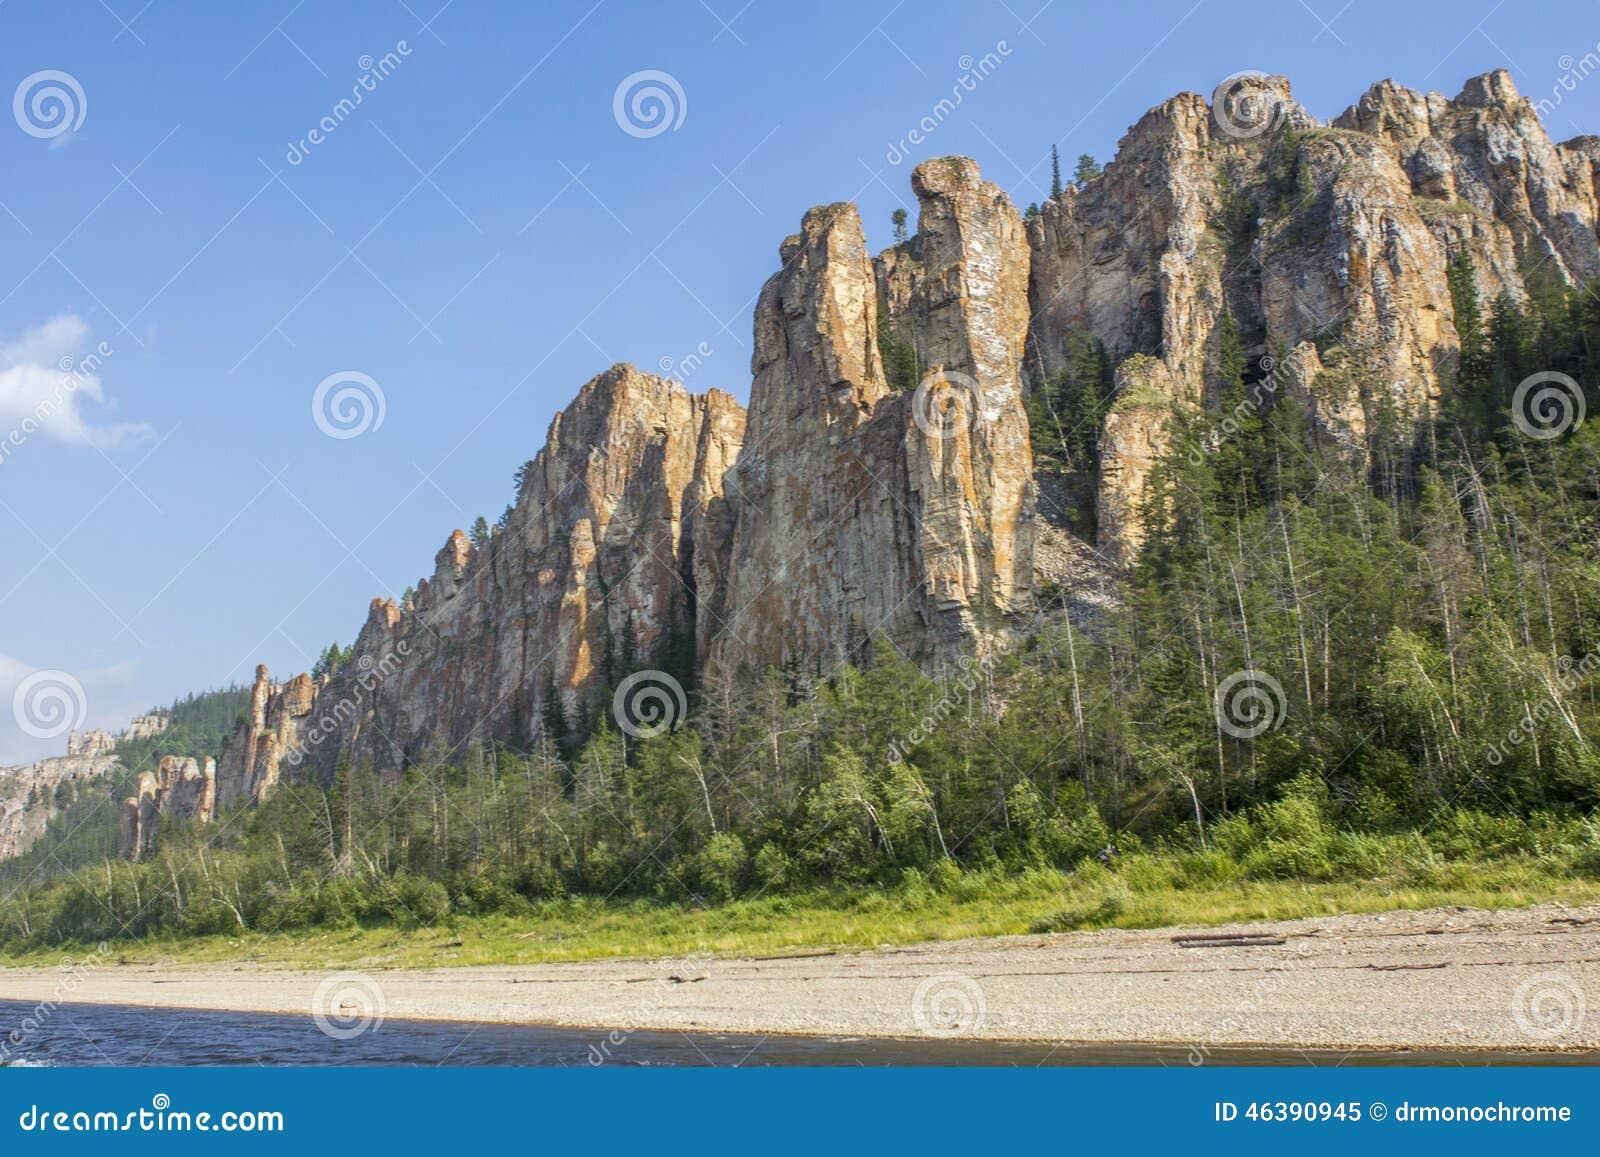 Λένα Pillars Σιβηρία Ρωσία